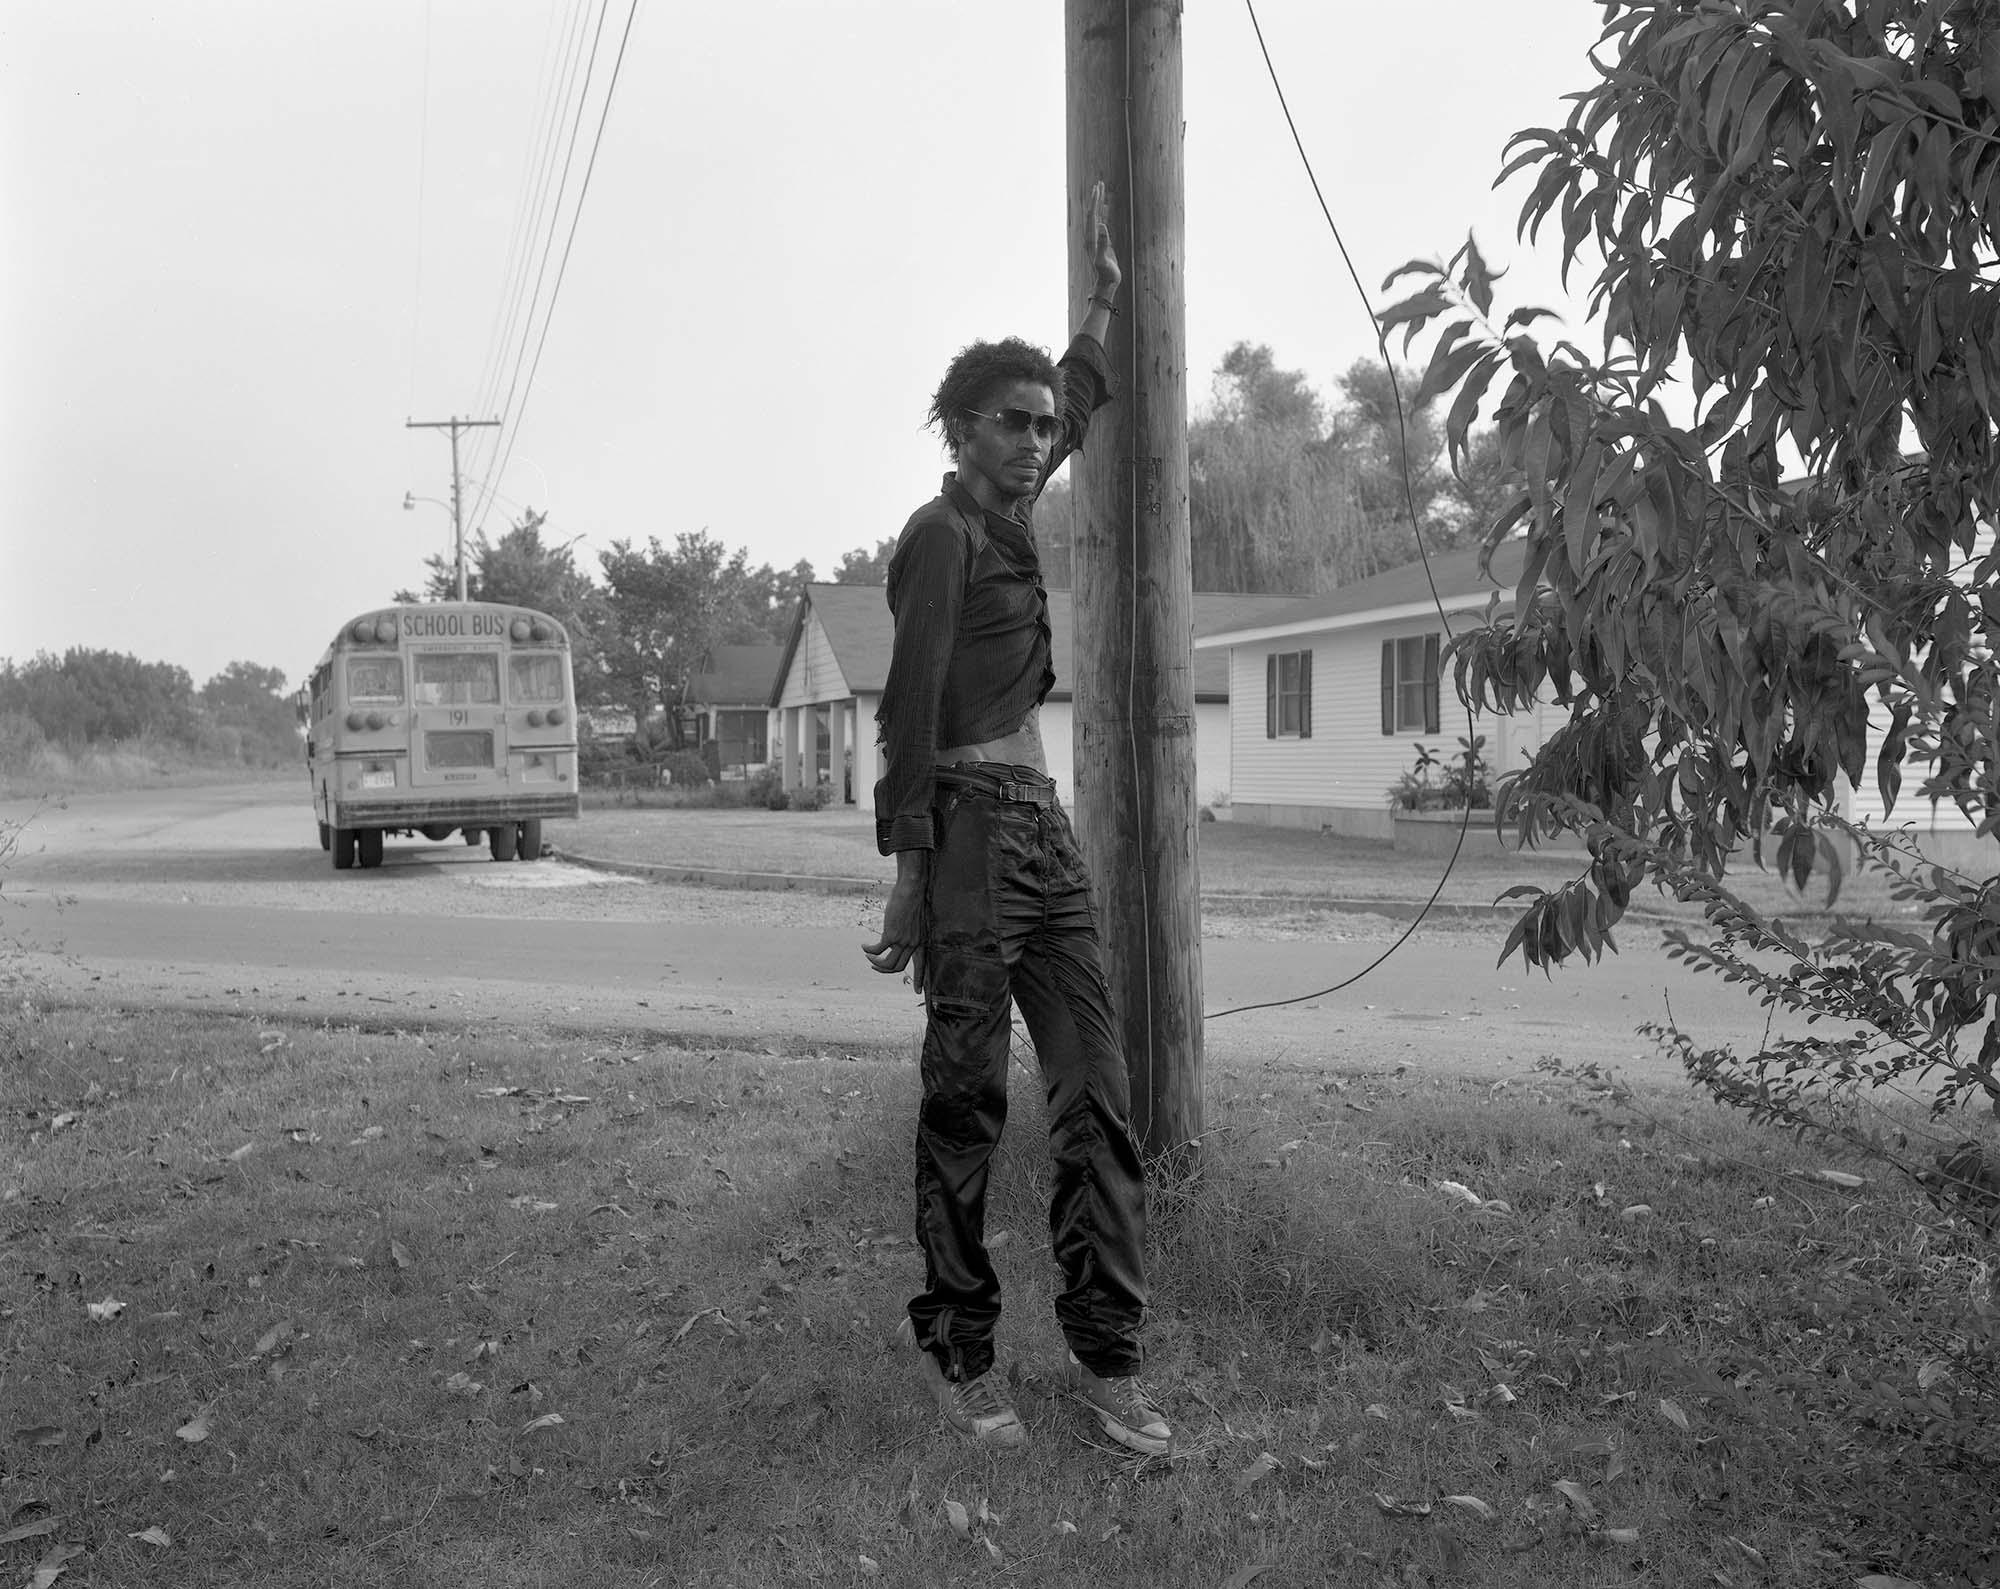 Man and school bus, Tutweiller, Ms., 1986.